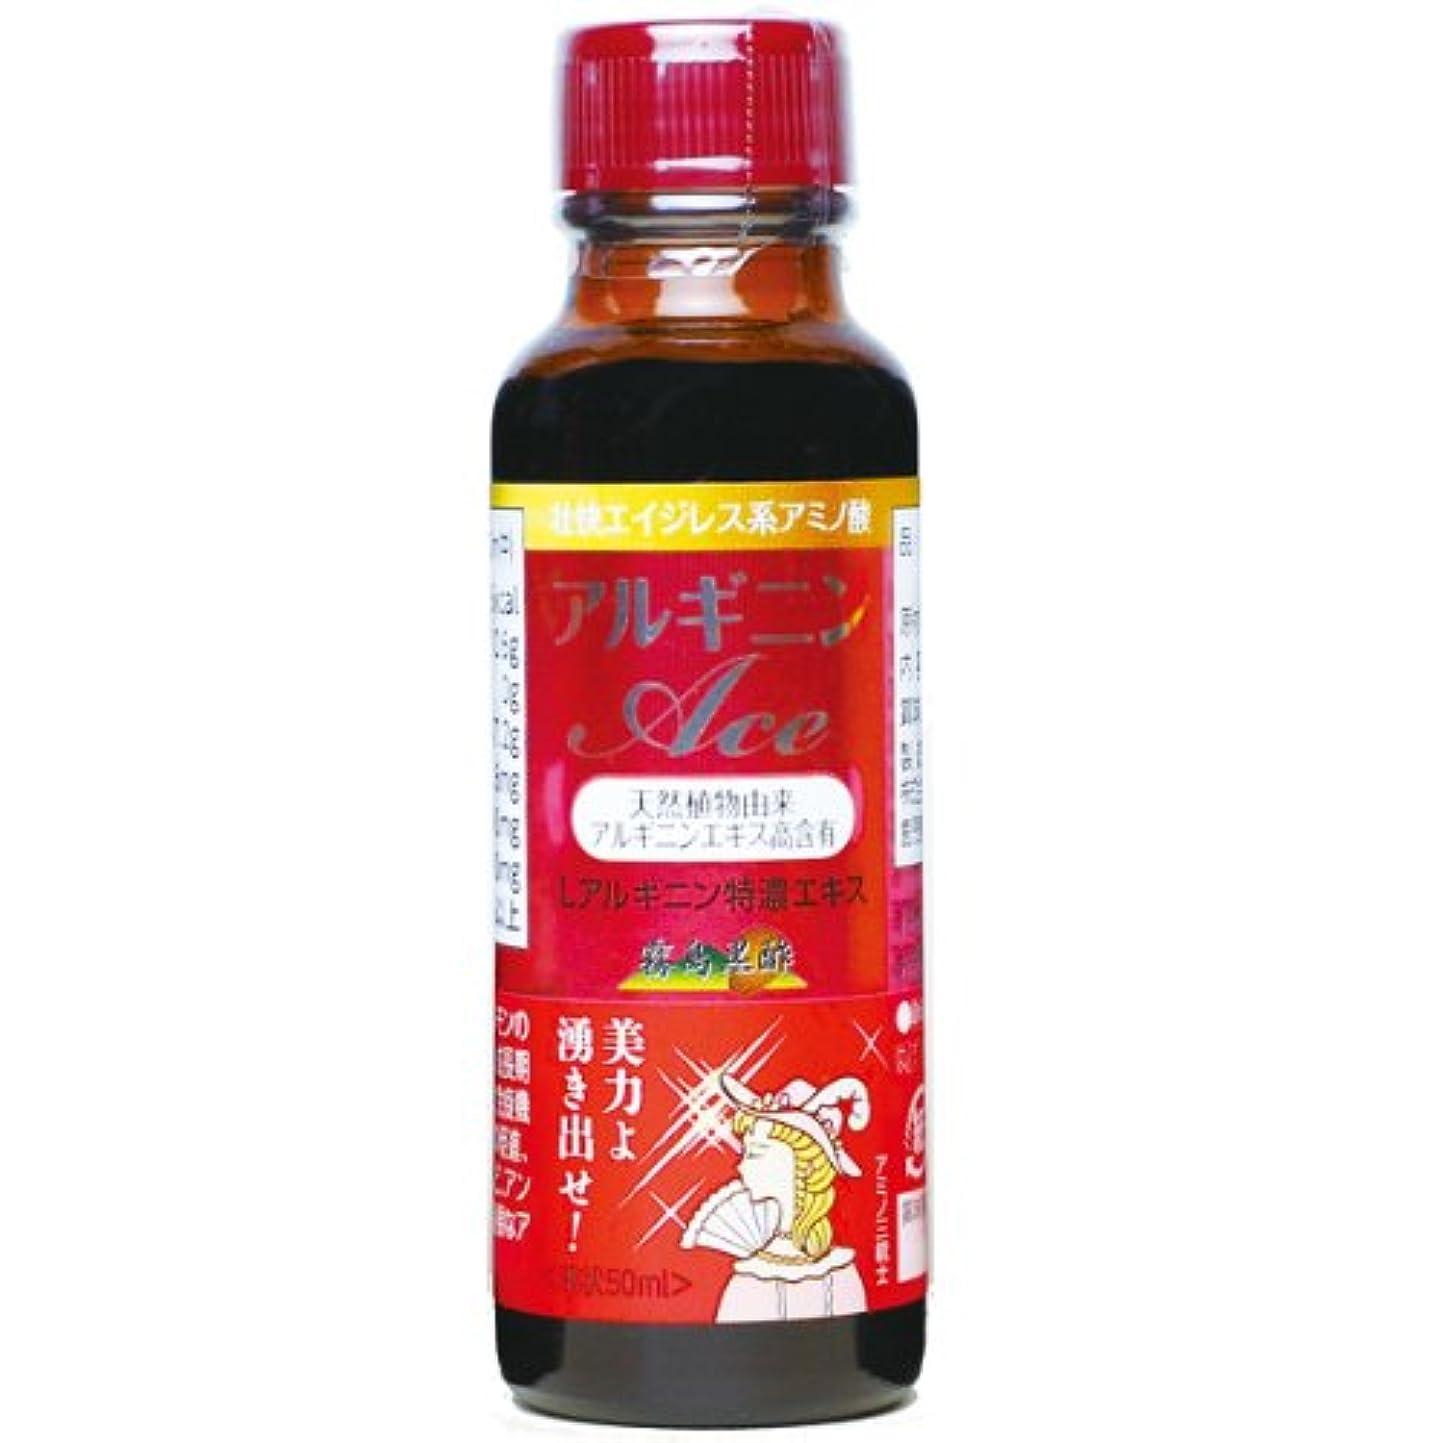 肌休みとげのある霧島黒酢 アルギニンAce 50ml